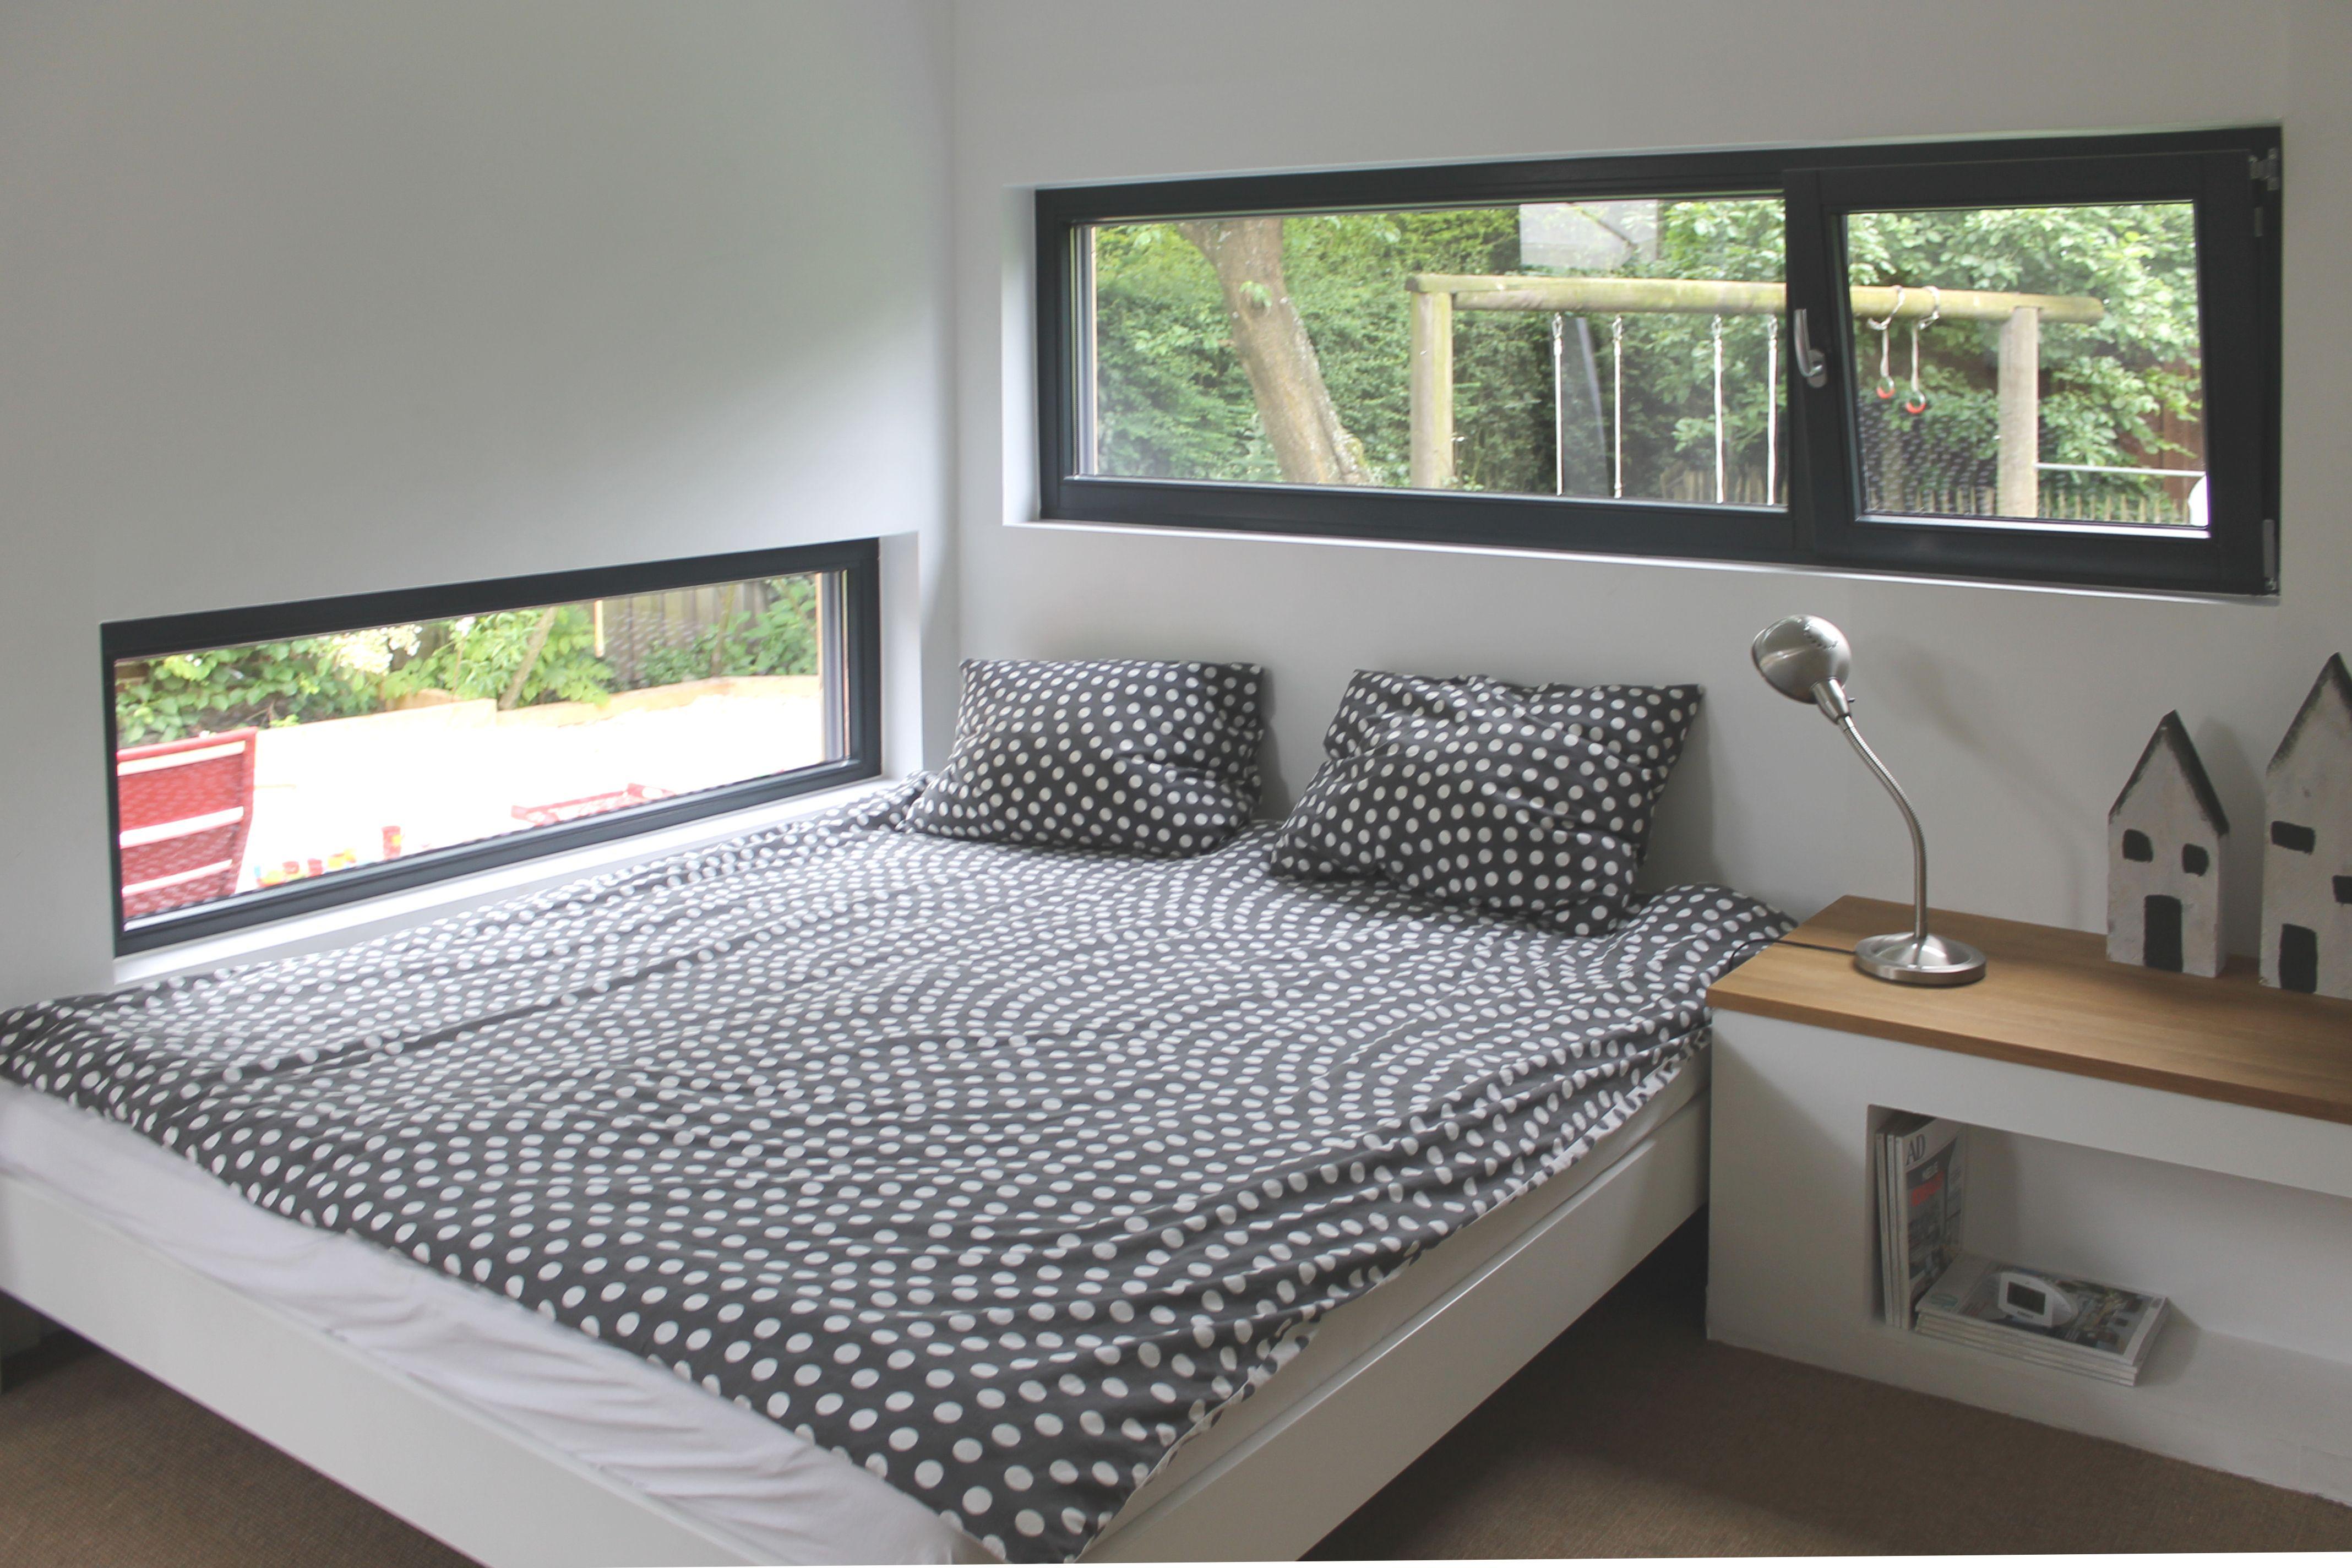 Ausgezeichnet Ideen Terrassenüberdachung Bilder Schlafzimmer bildergebnis für lichtband schlafzimmer anbau